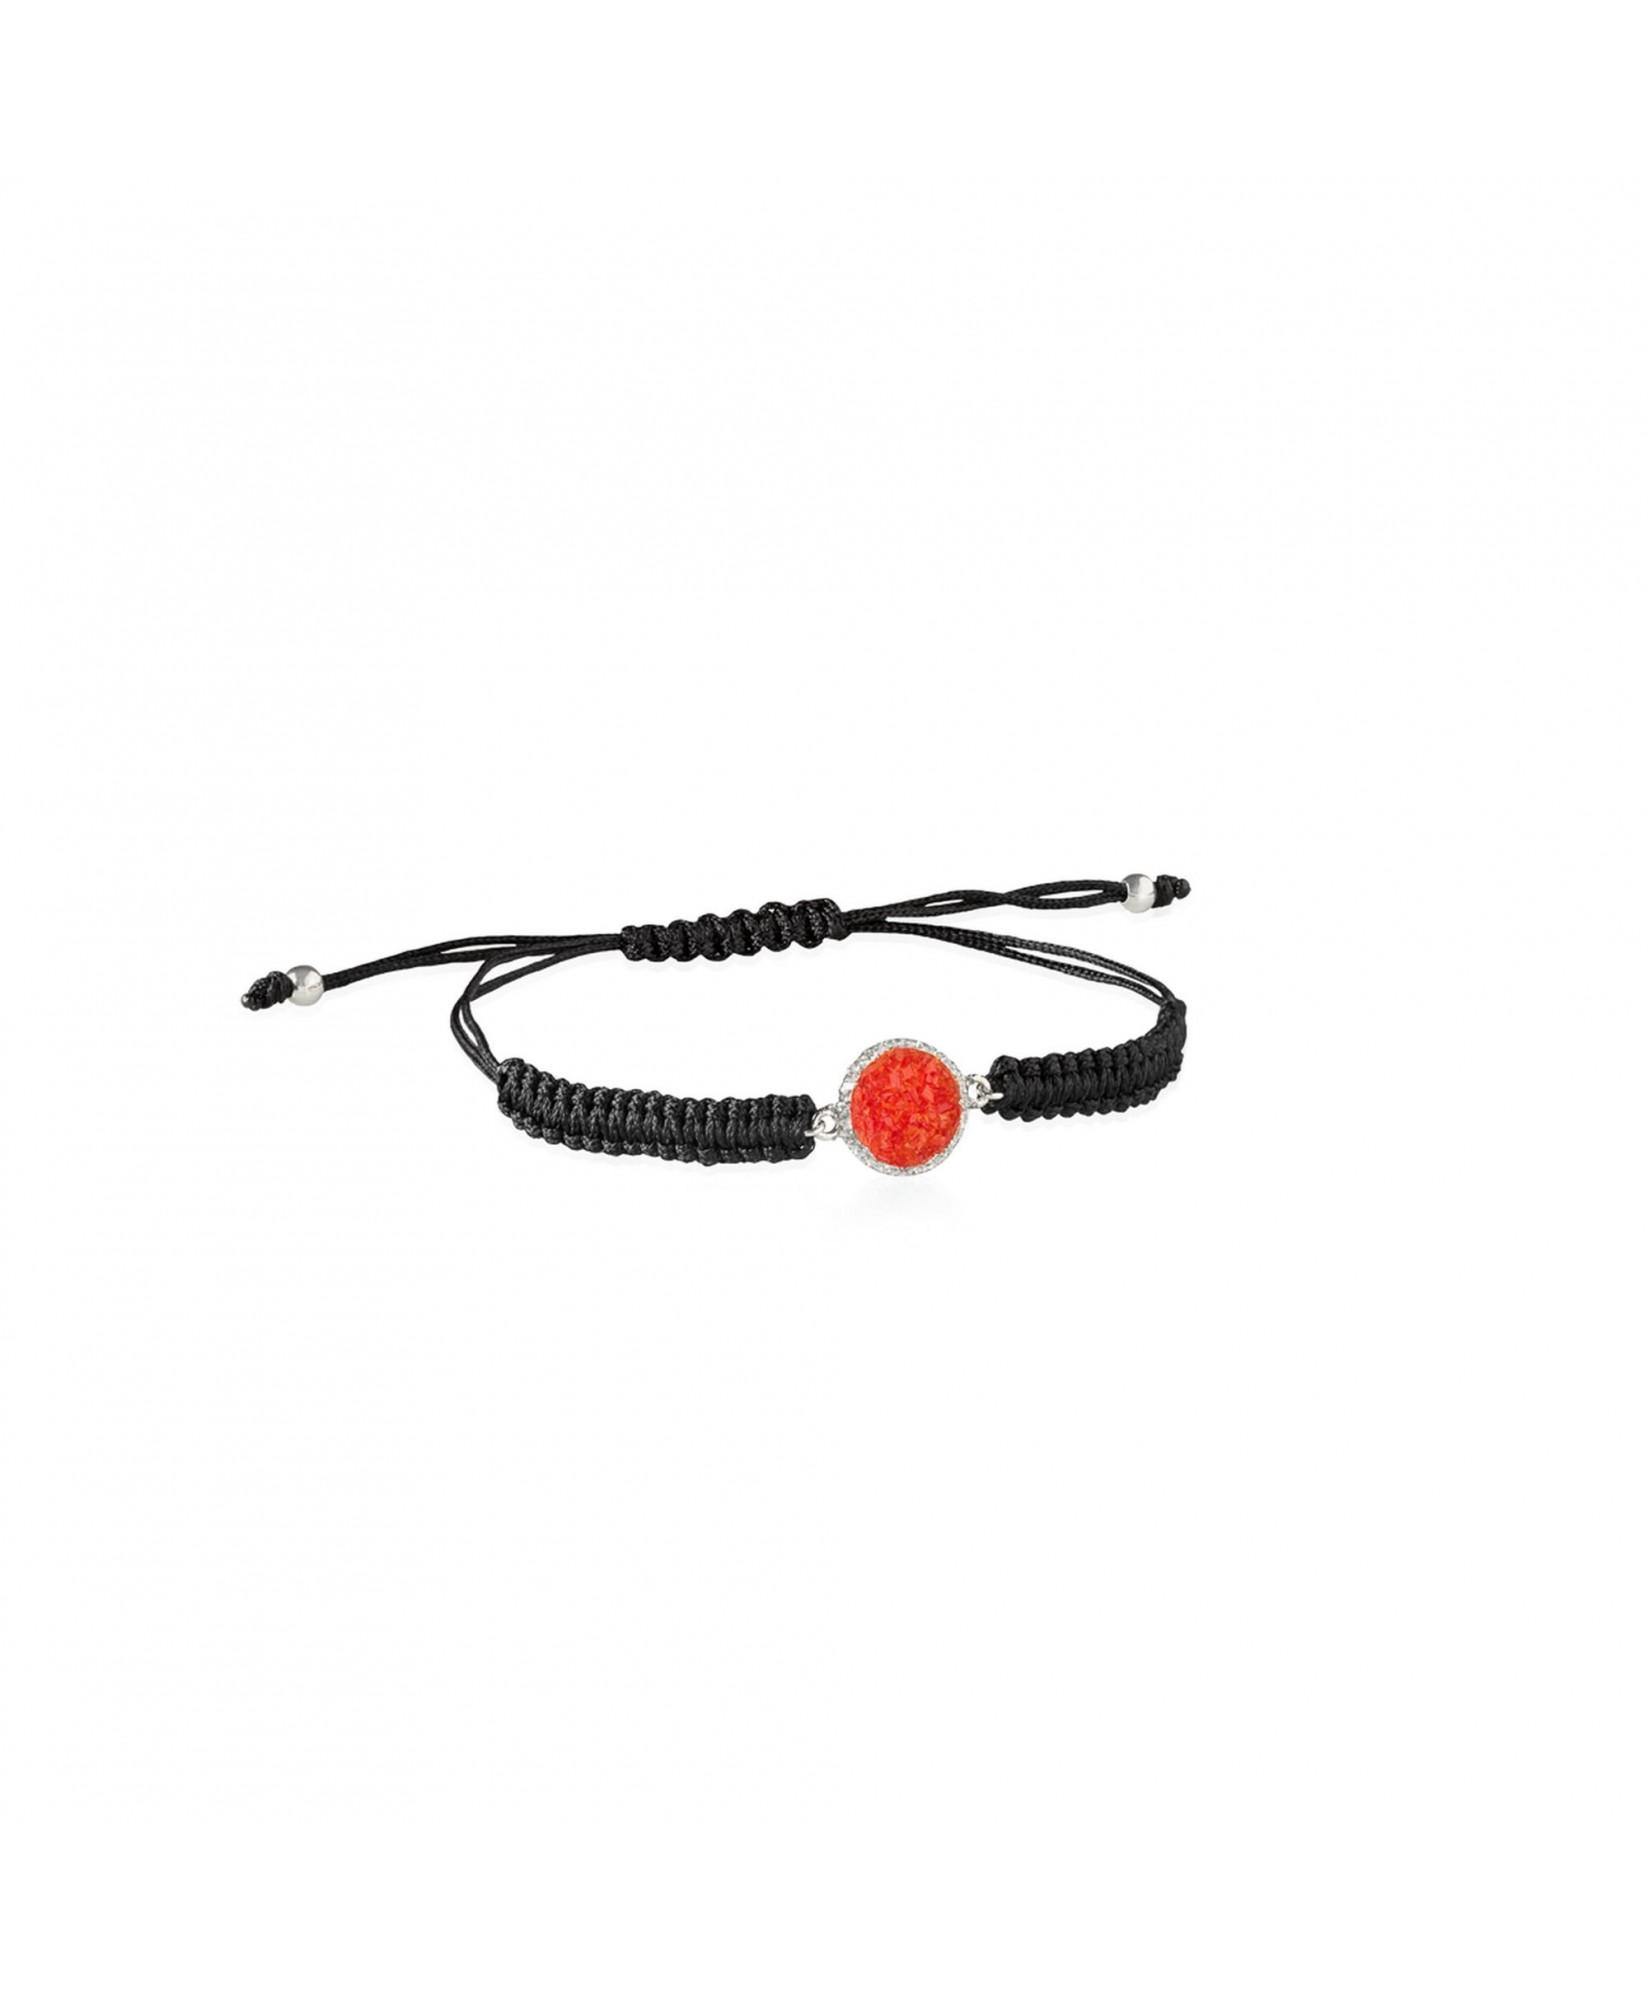 Pulsera de cordón y plata Love con nácar rojo Pulsera de cordón y plata Love con nácar rojo